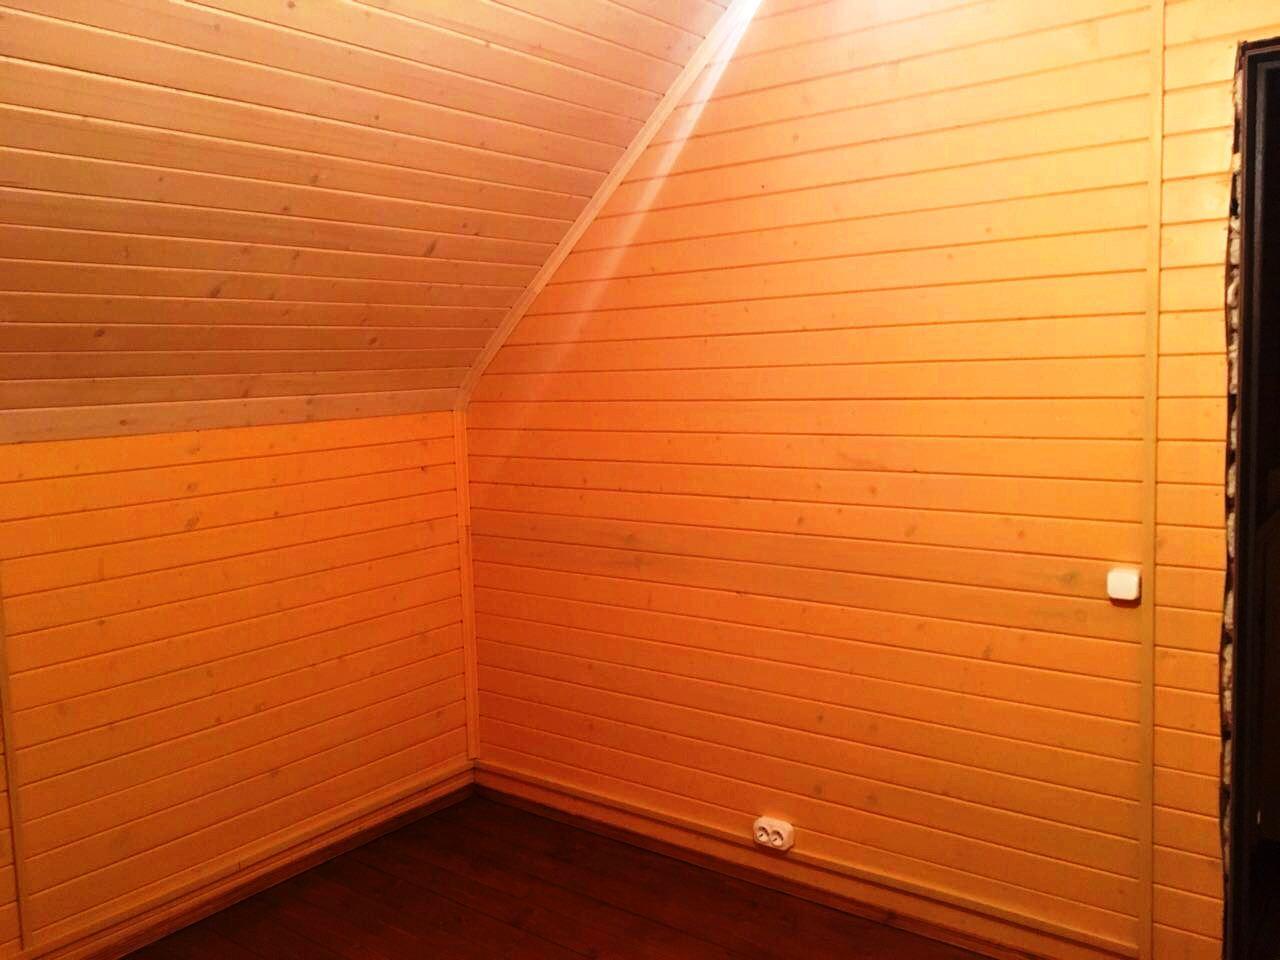 кто покраска вагонки внутри дома разные цвета фото образом, экономится время